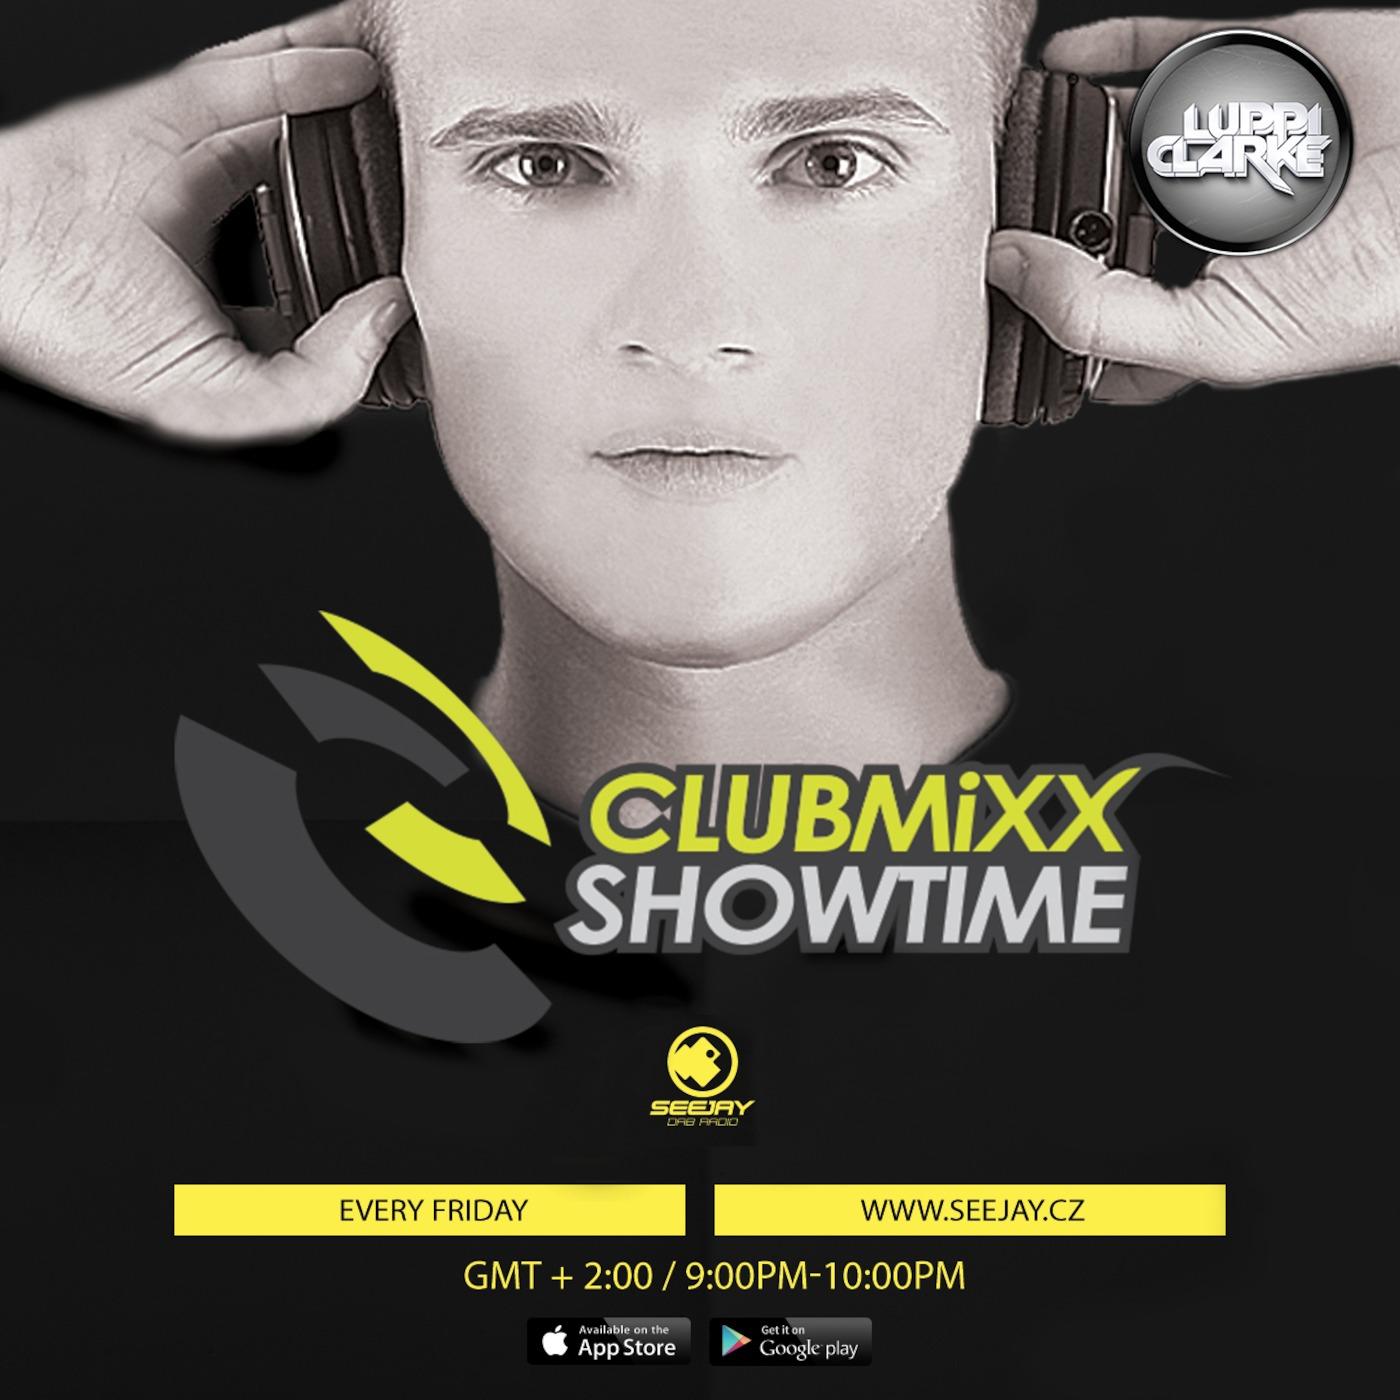 Luppi Clarke - CLUBMIXX SHOWTIME